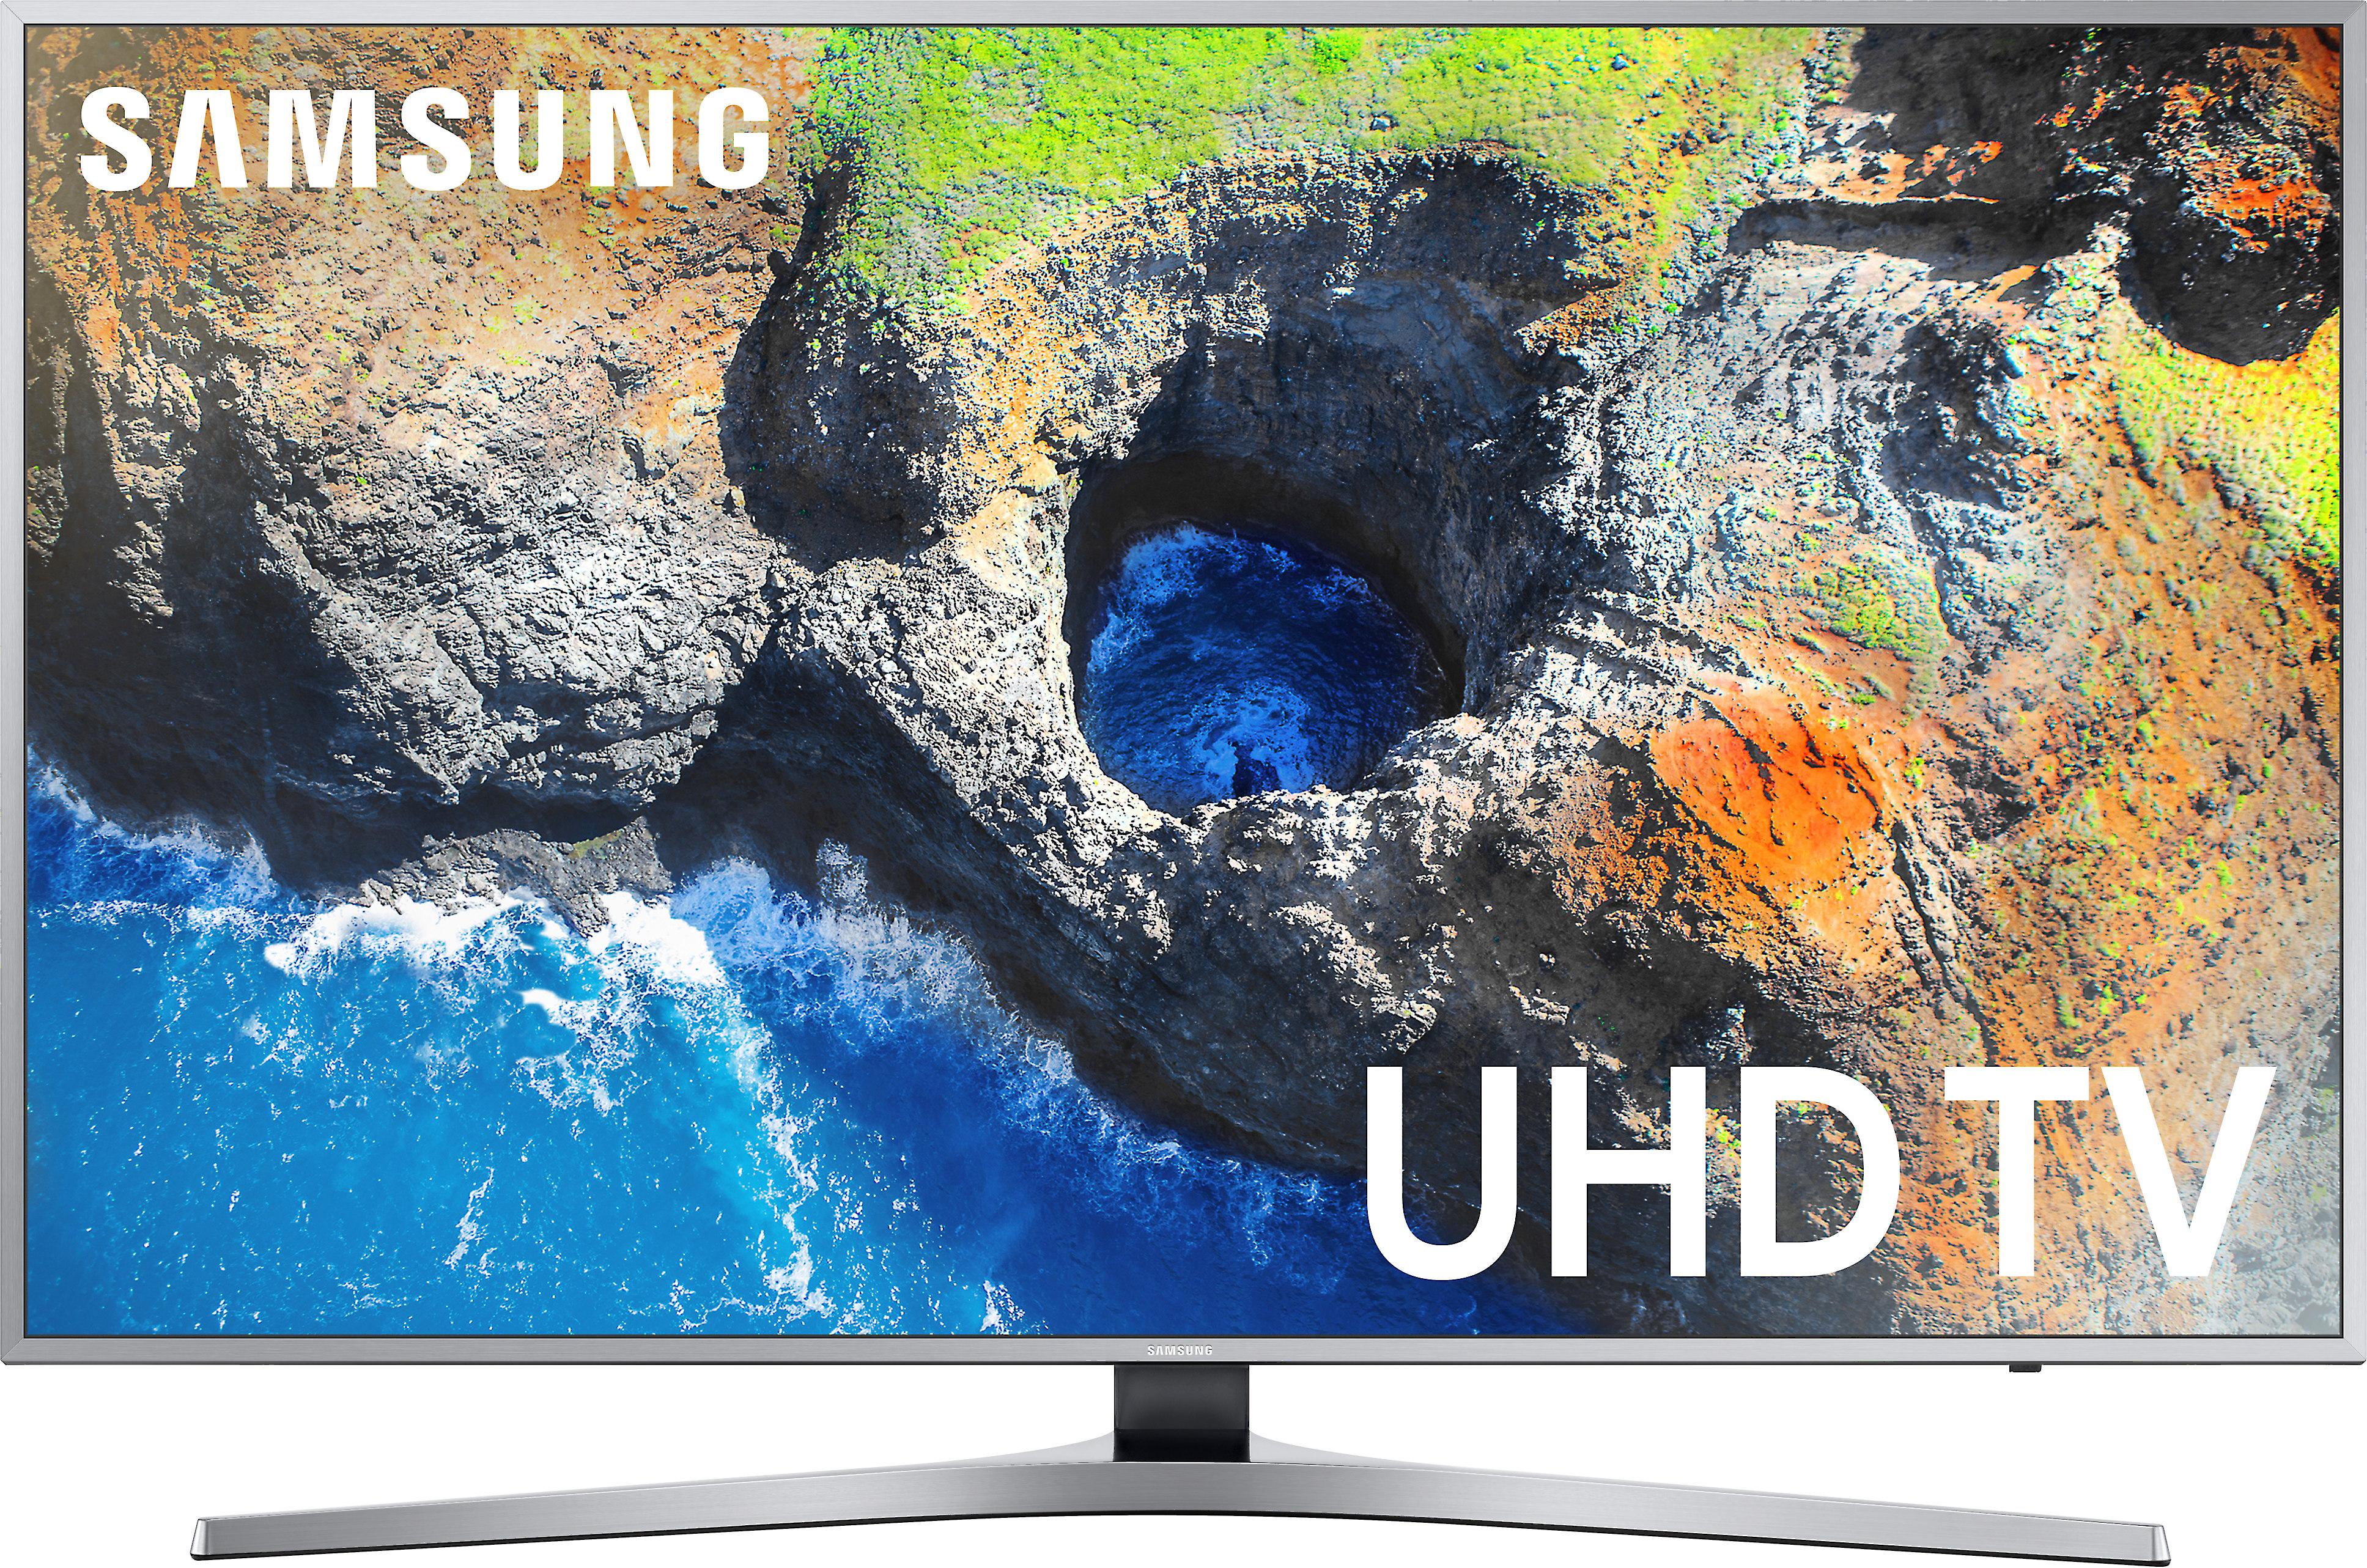 Samsung UN49MU7000